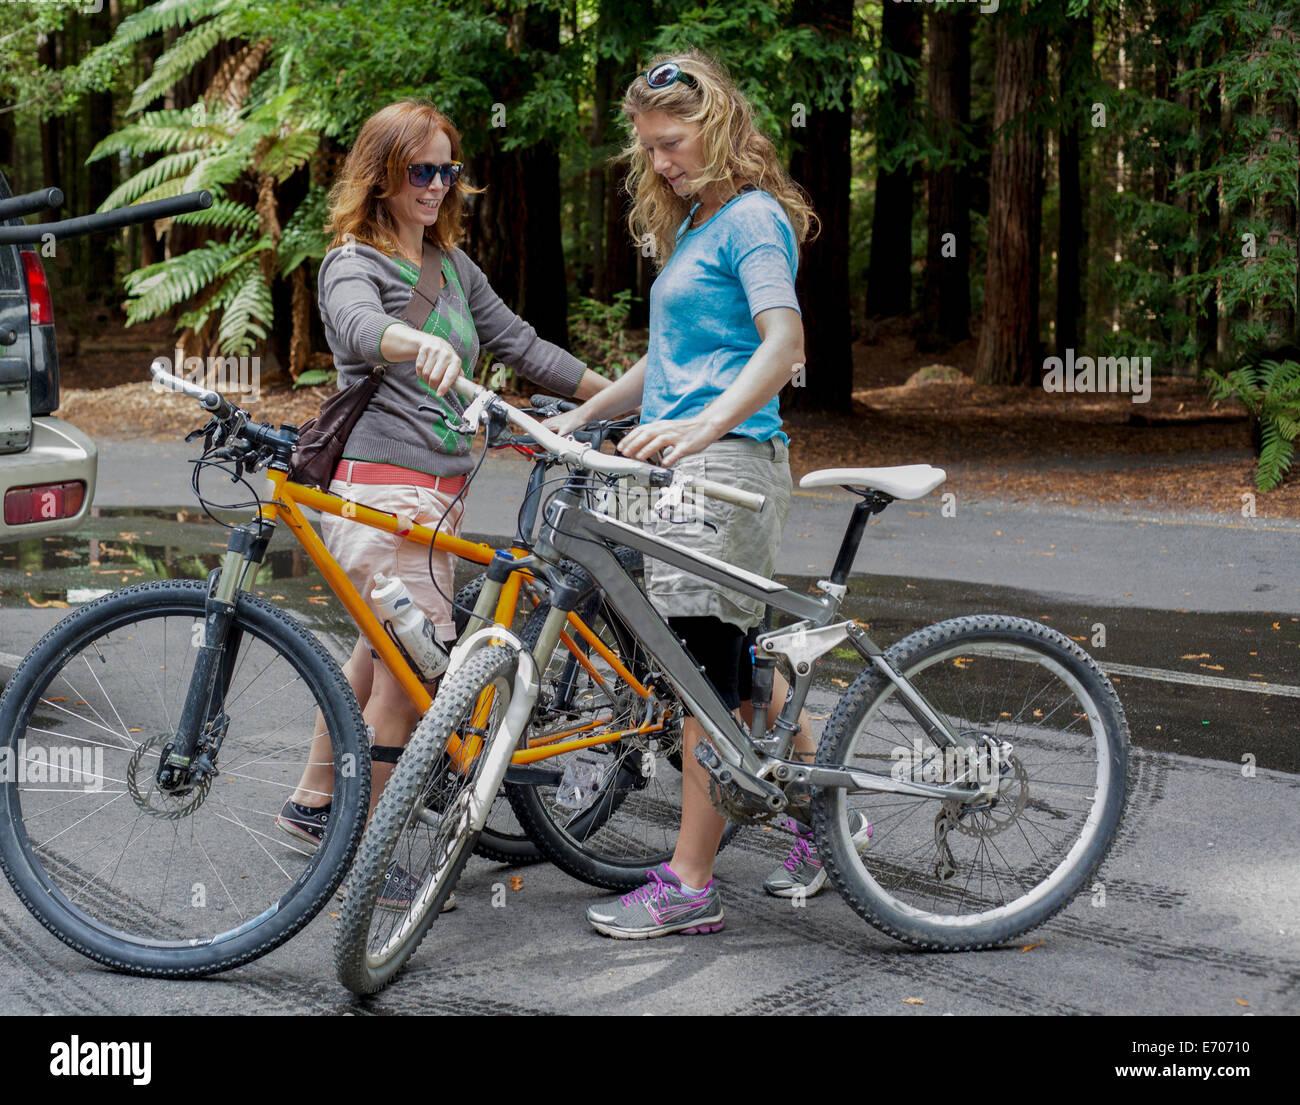 Deux femmes cyclistes de montagne préparation de randonnée en forêt Photo Stock